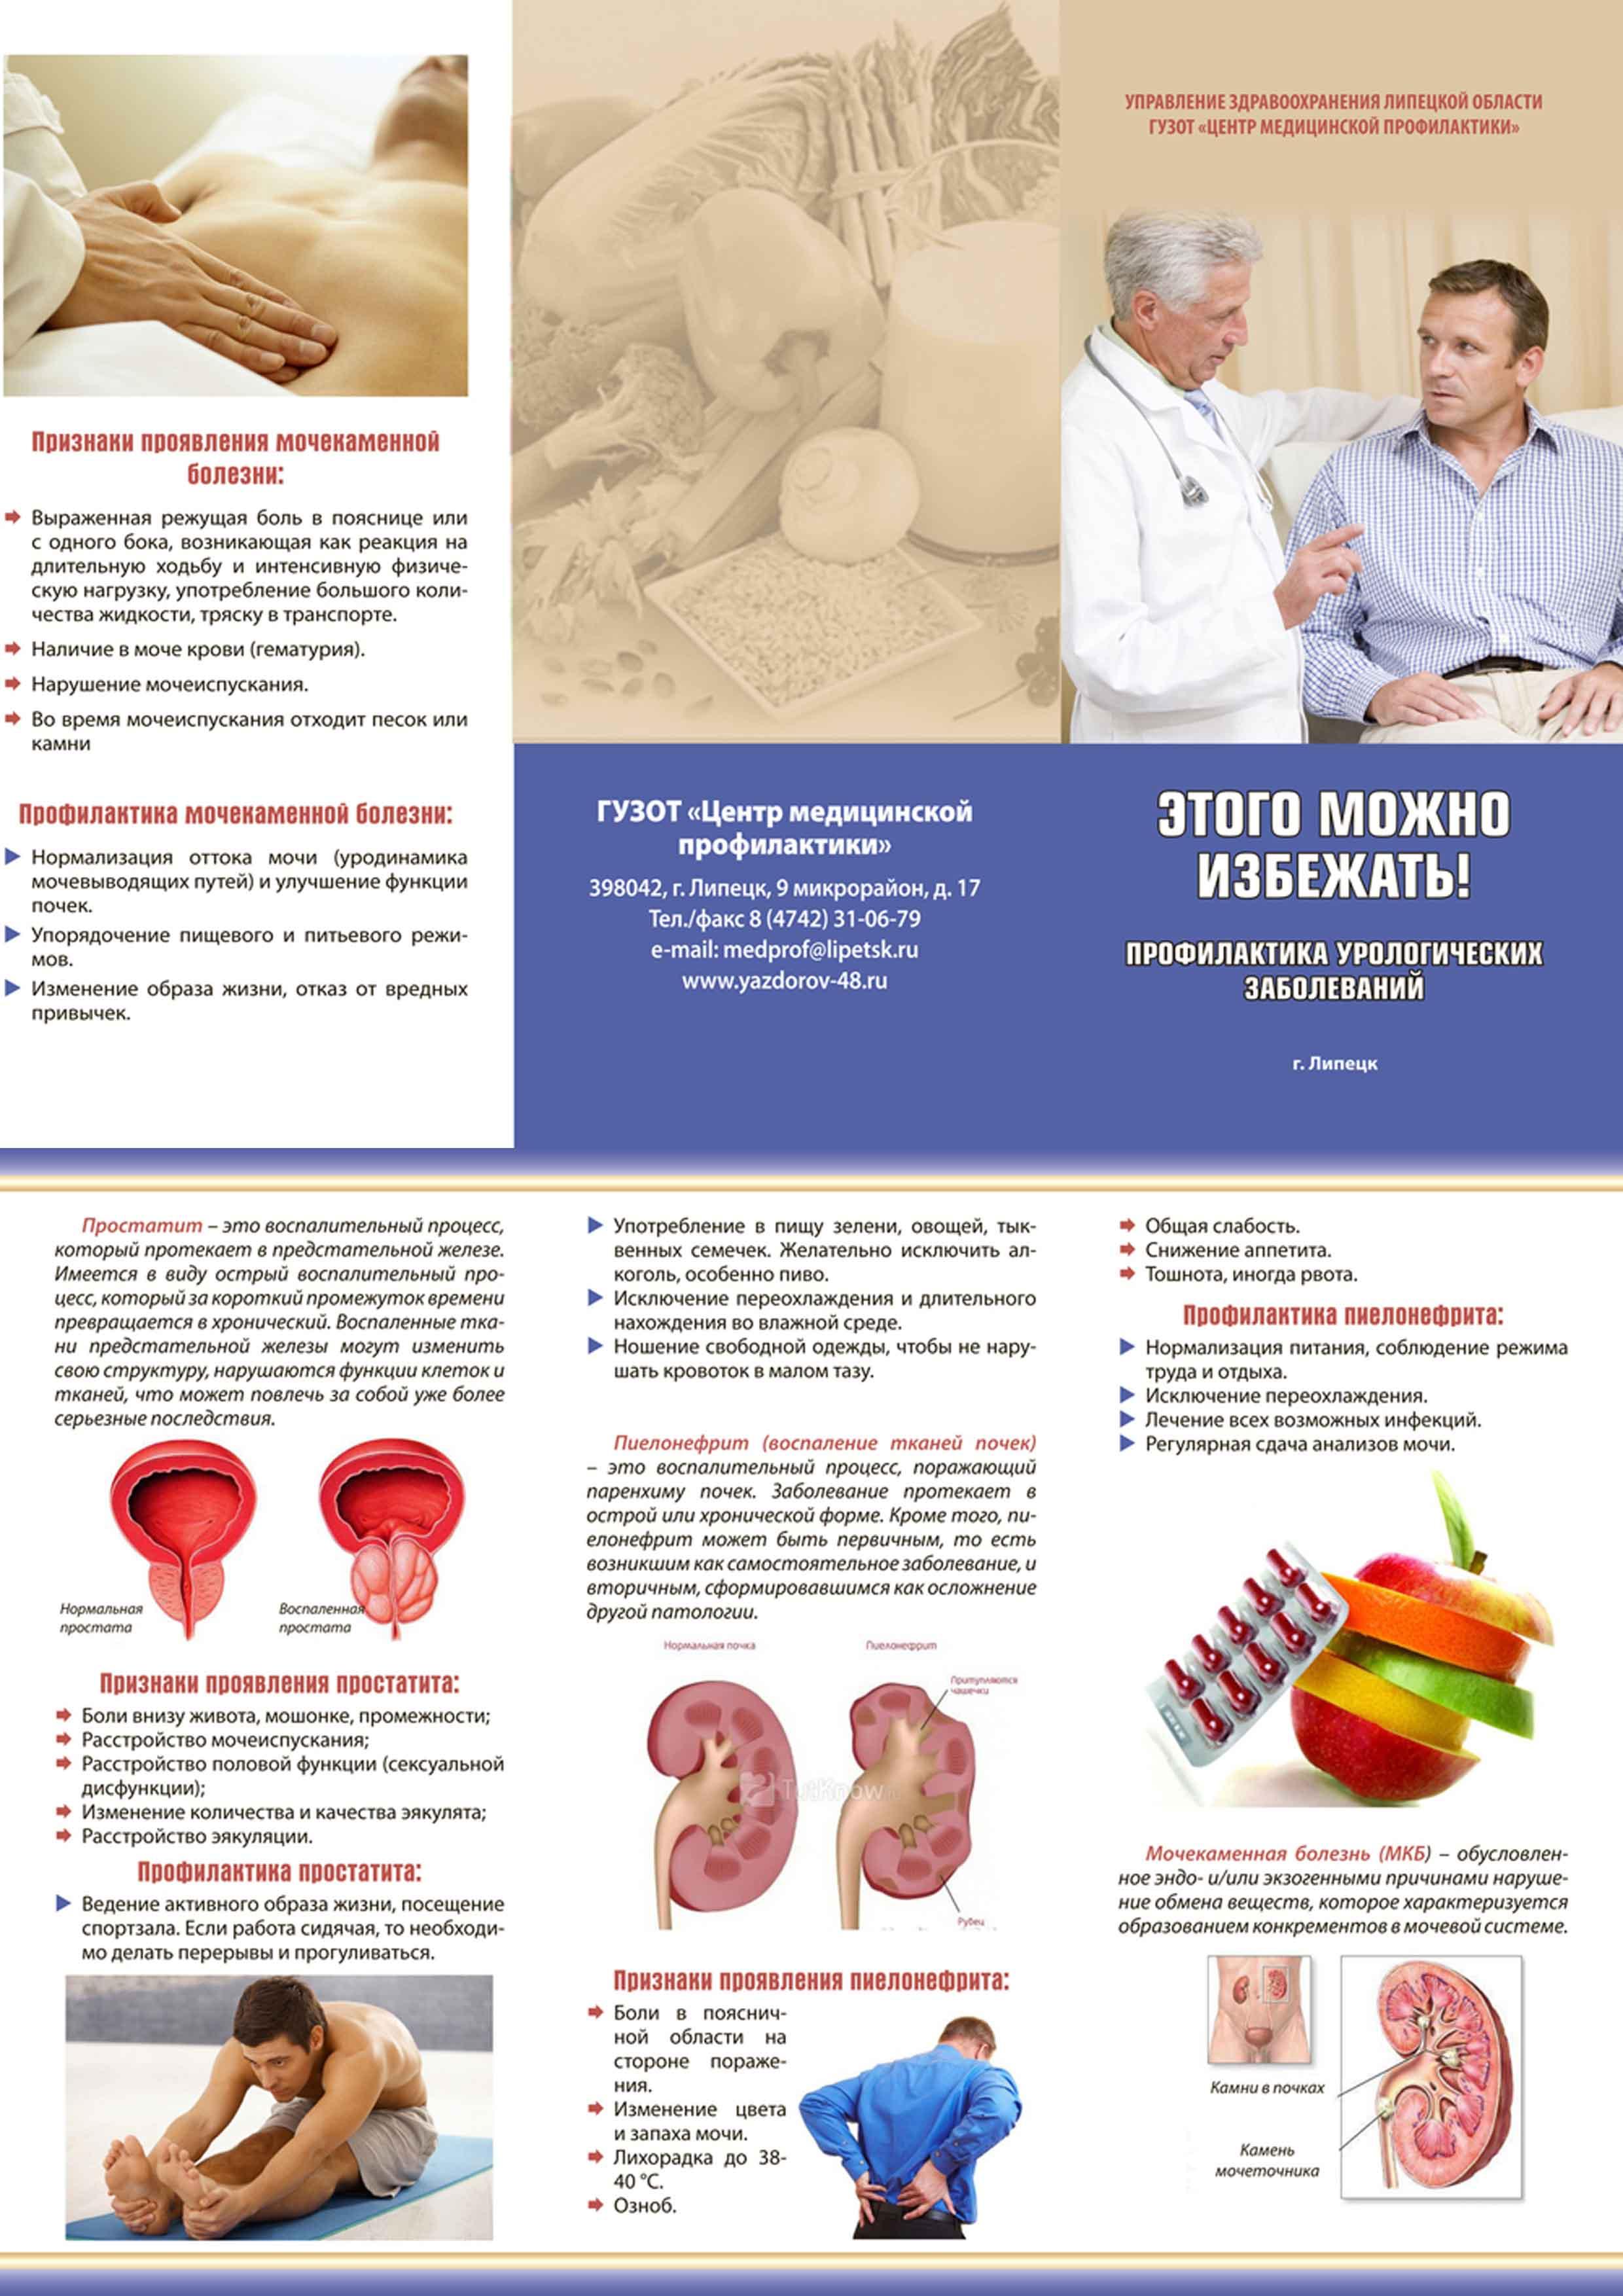 Как избавиться навсегда от остеохондроза шейного отдела